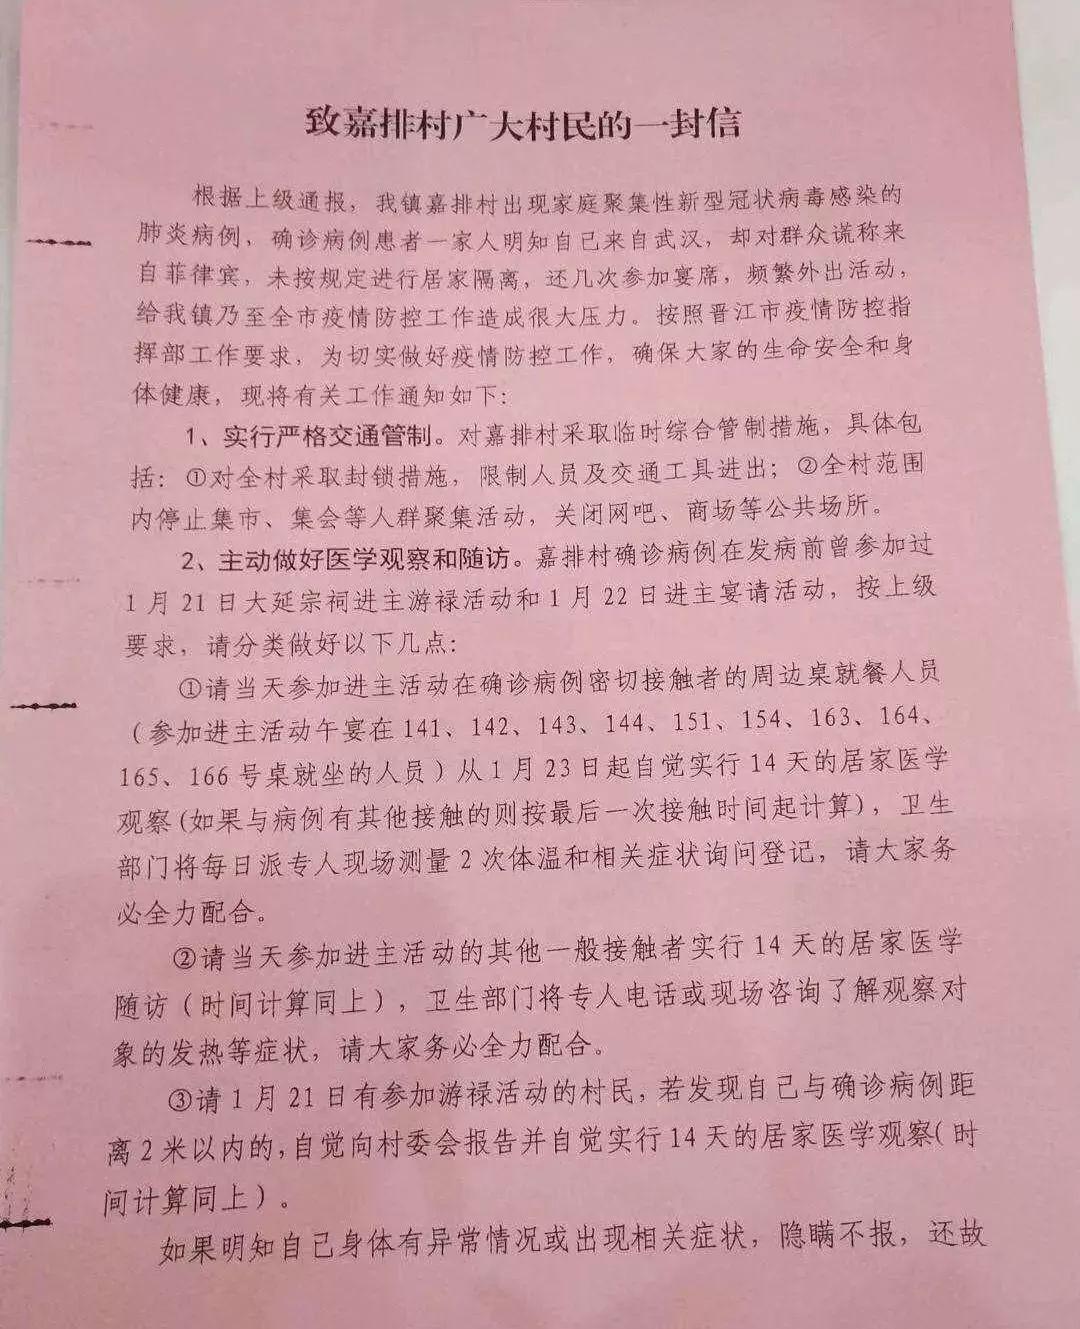 拘留!福建晋江一男子隐瞒武汉旅居史,疑似感染多人